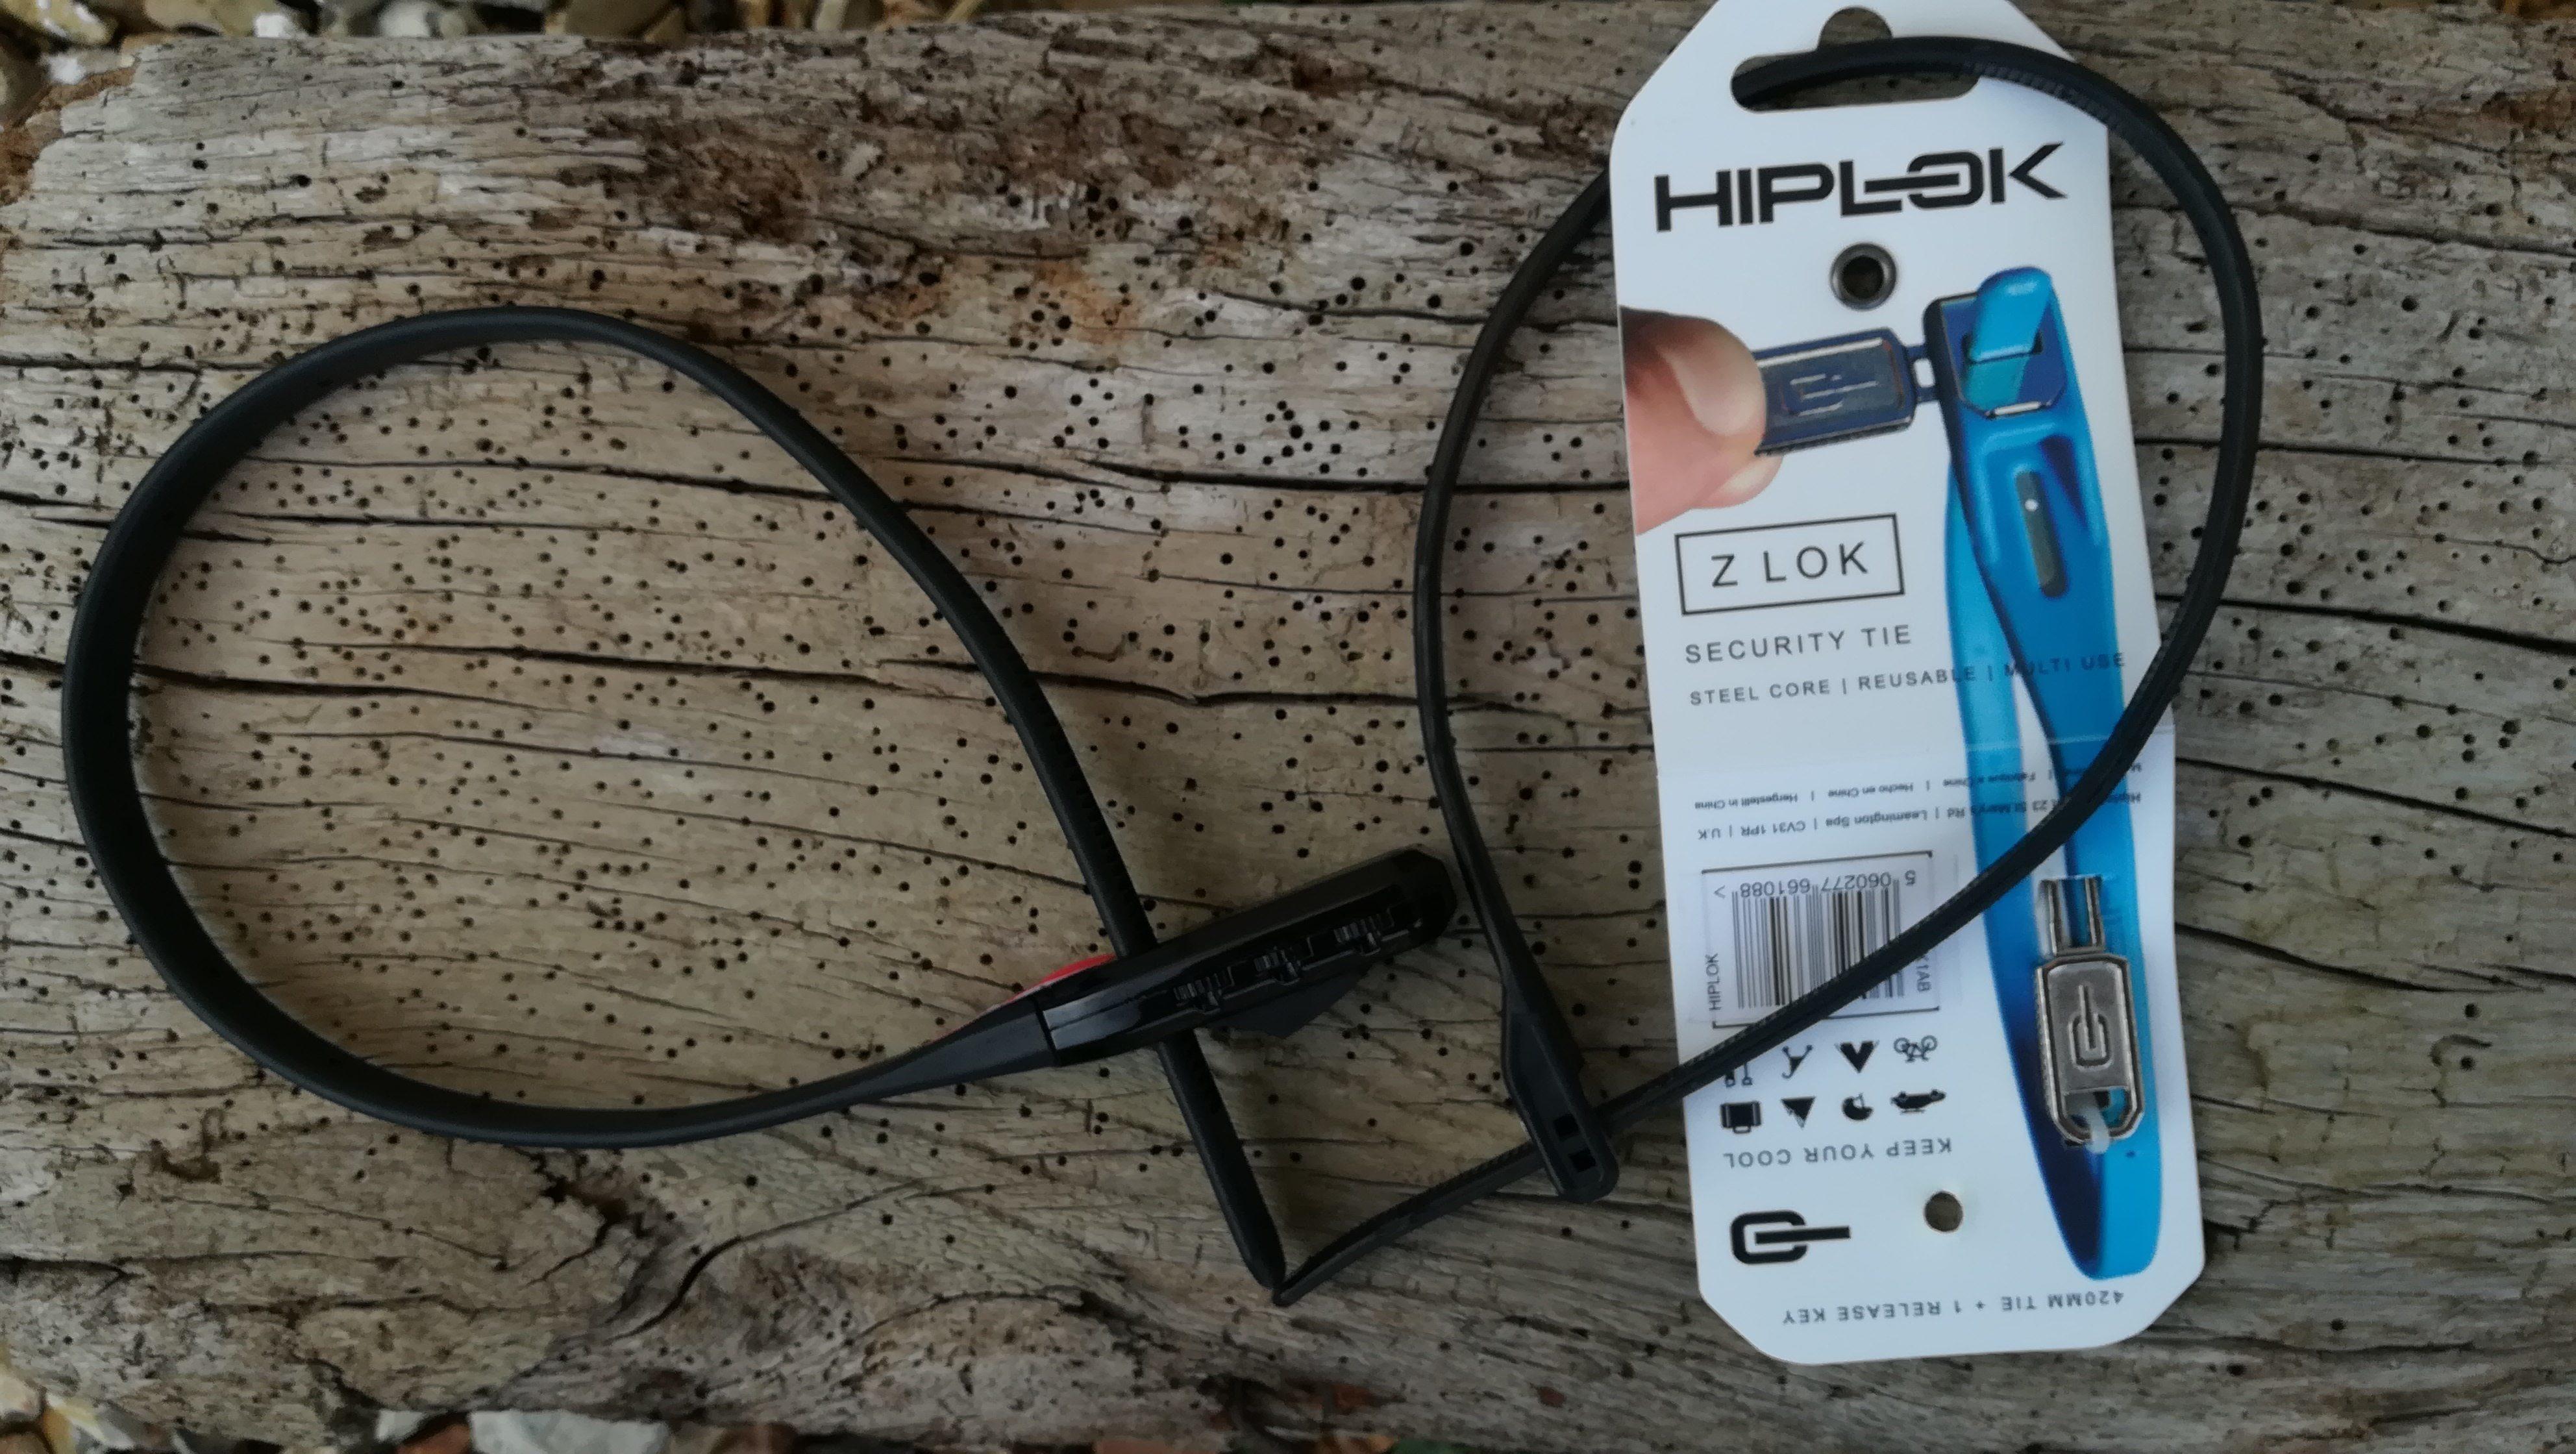 Hiplok Zip Loks